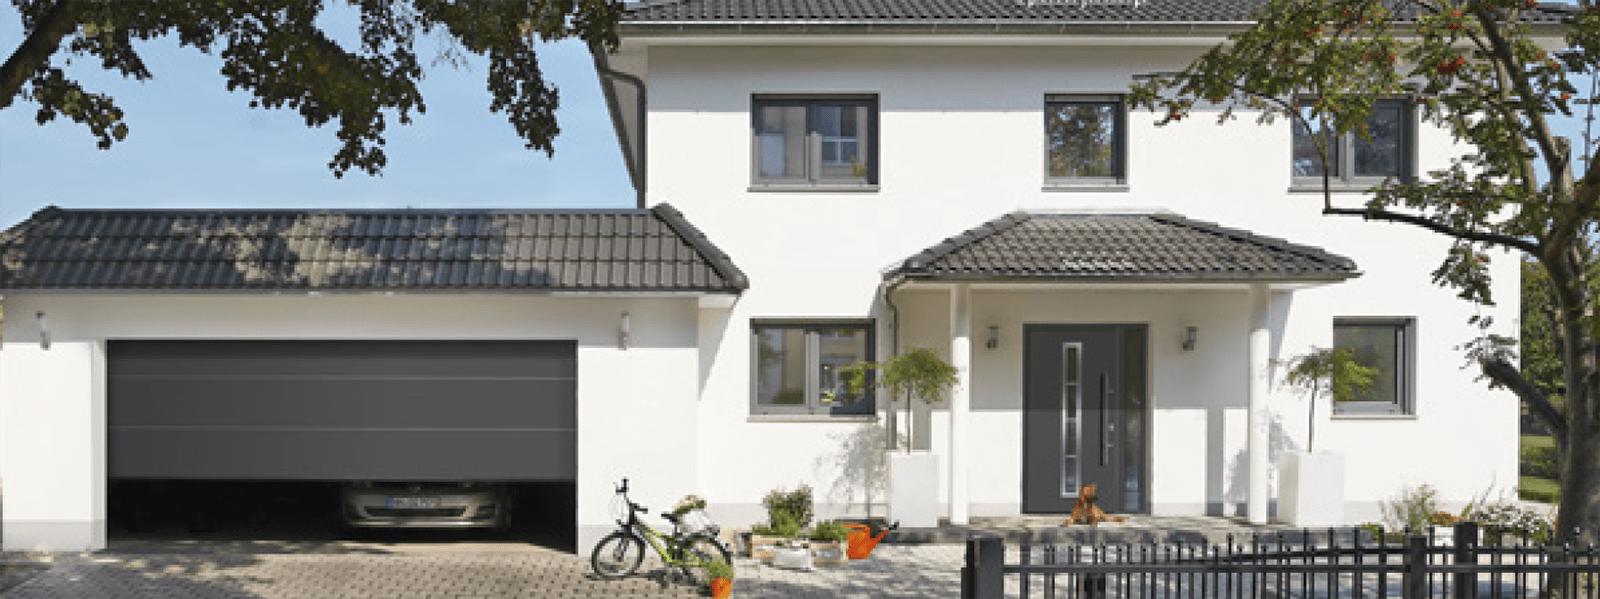 Porte d 39 ingresso e portoni per garage sicurezza estetica - Portoni di casa ...